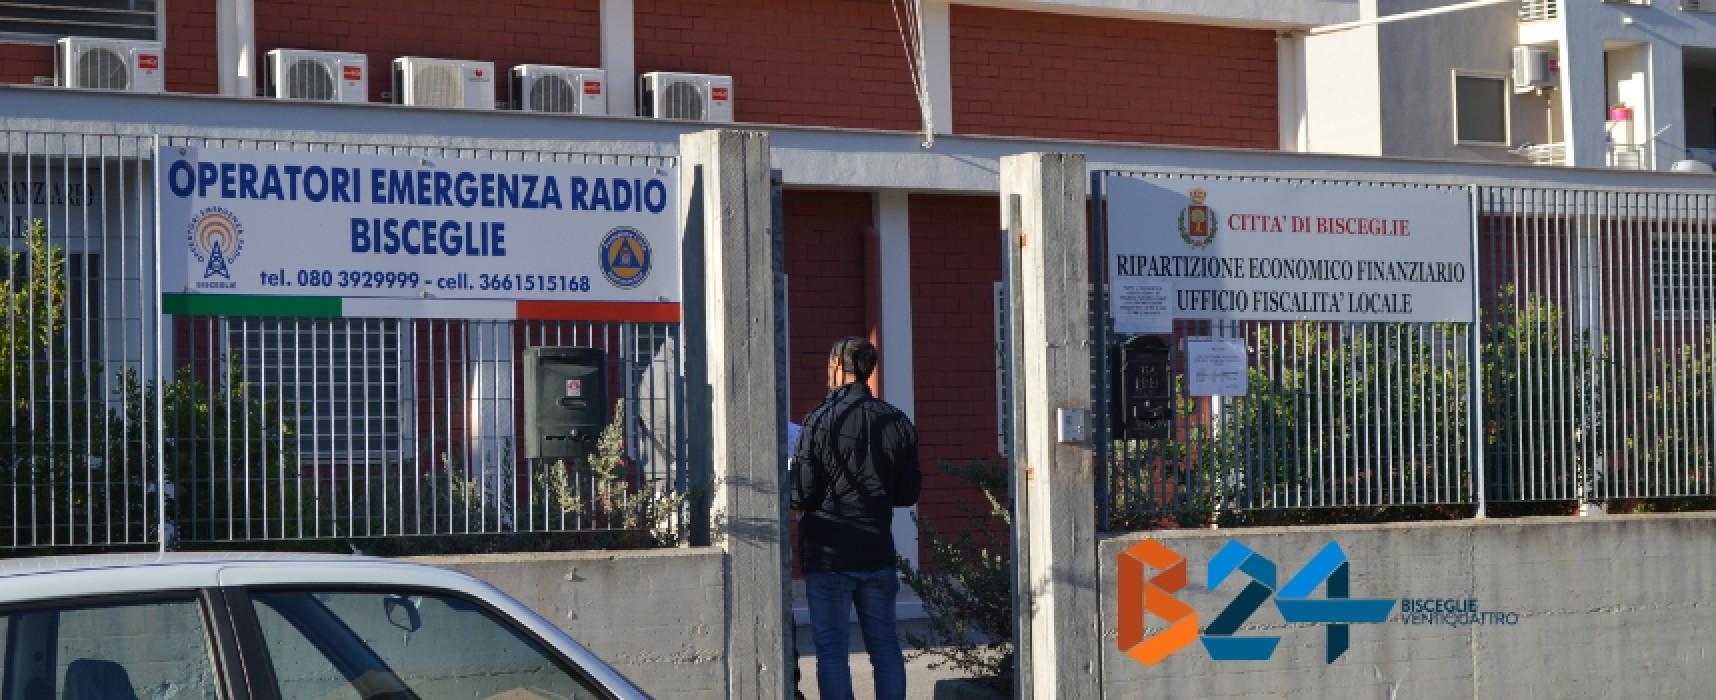 Ufficio Fiscalità di via Galilei: dal primo ottobre cambiano gli orari di apertura al pubblico / DETTAGLI